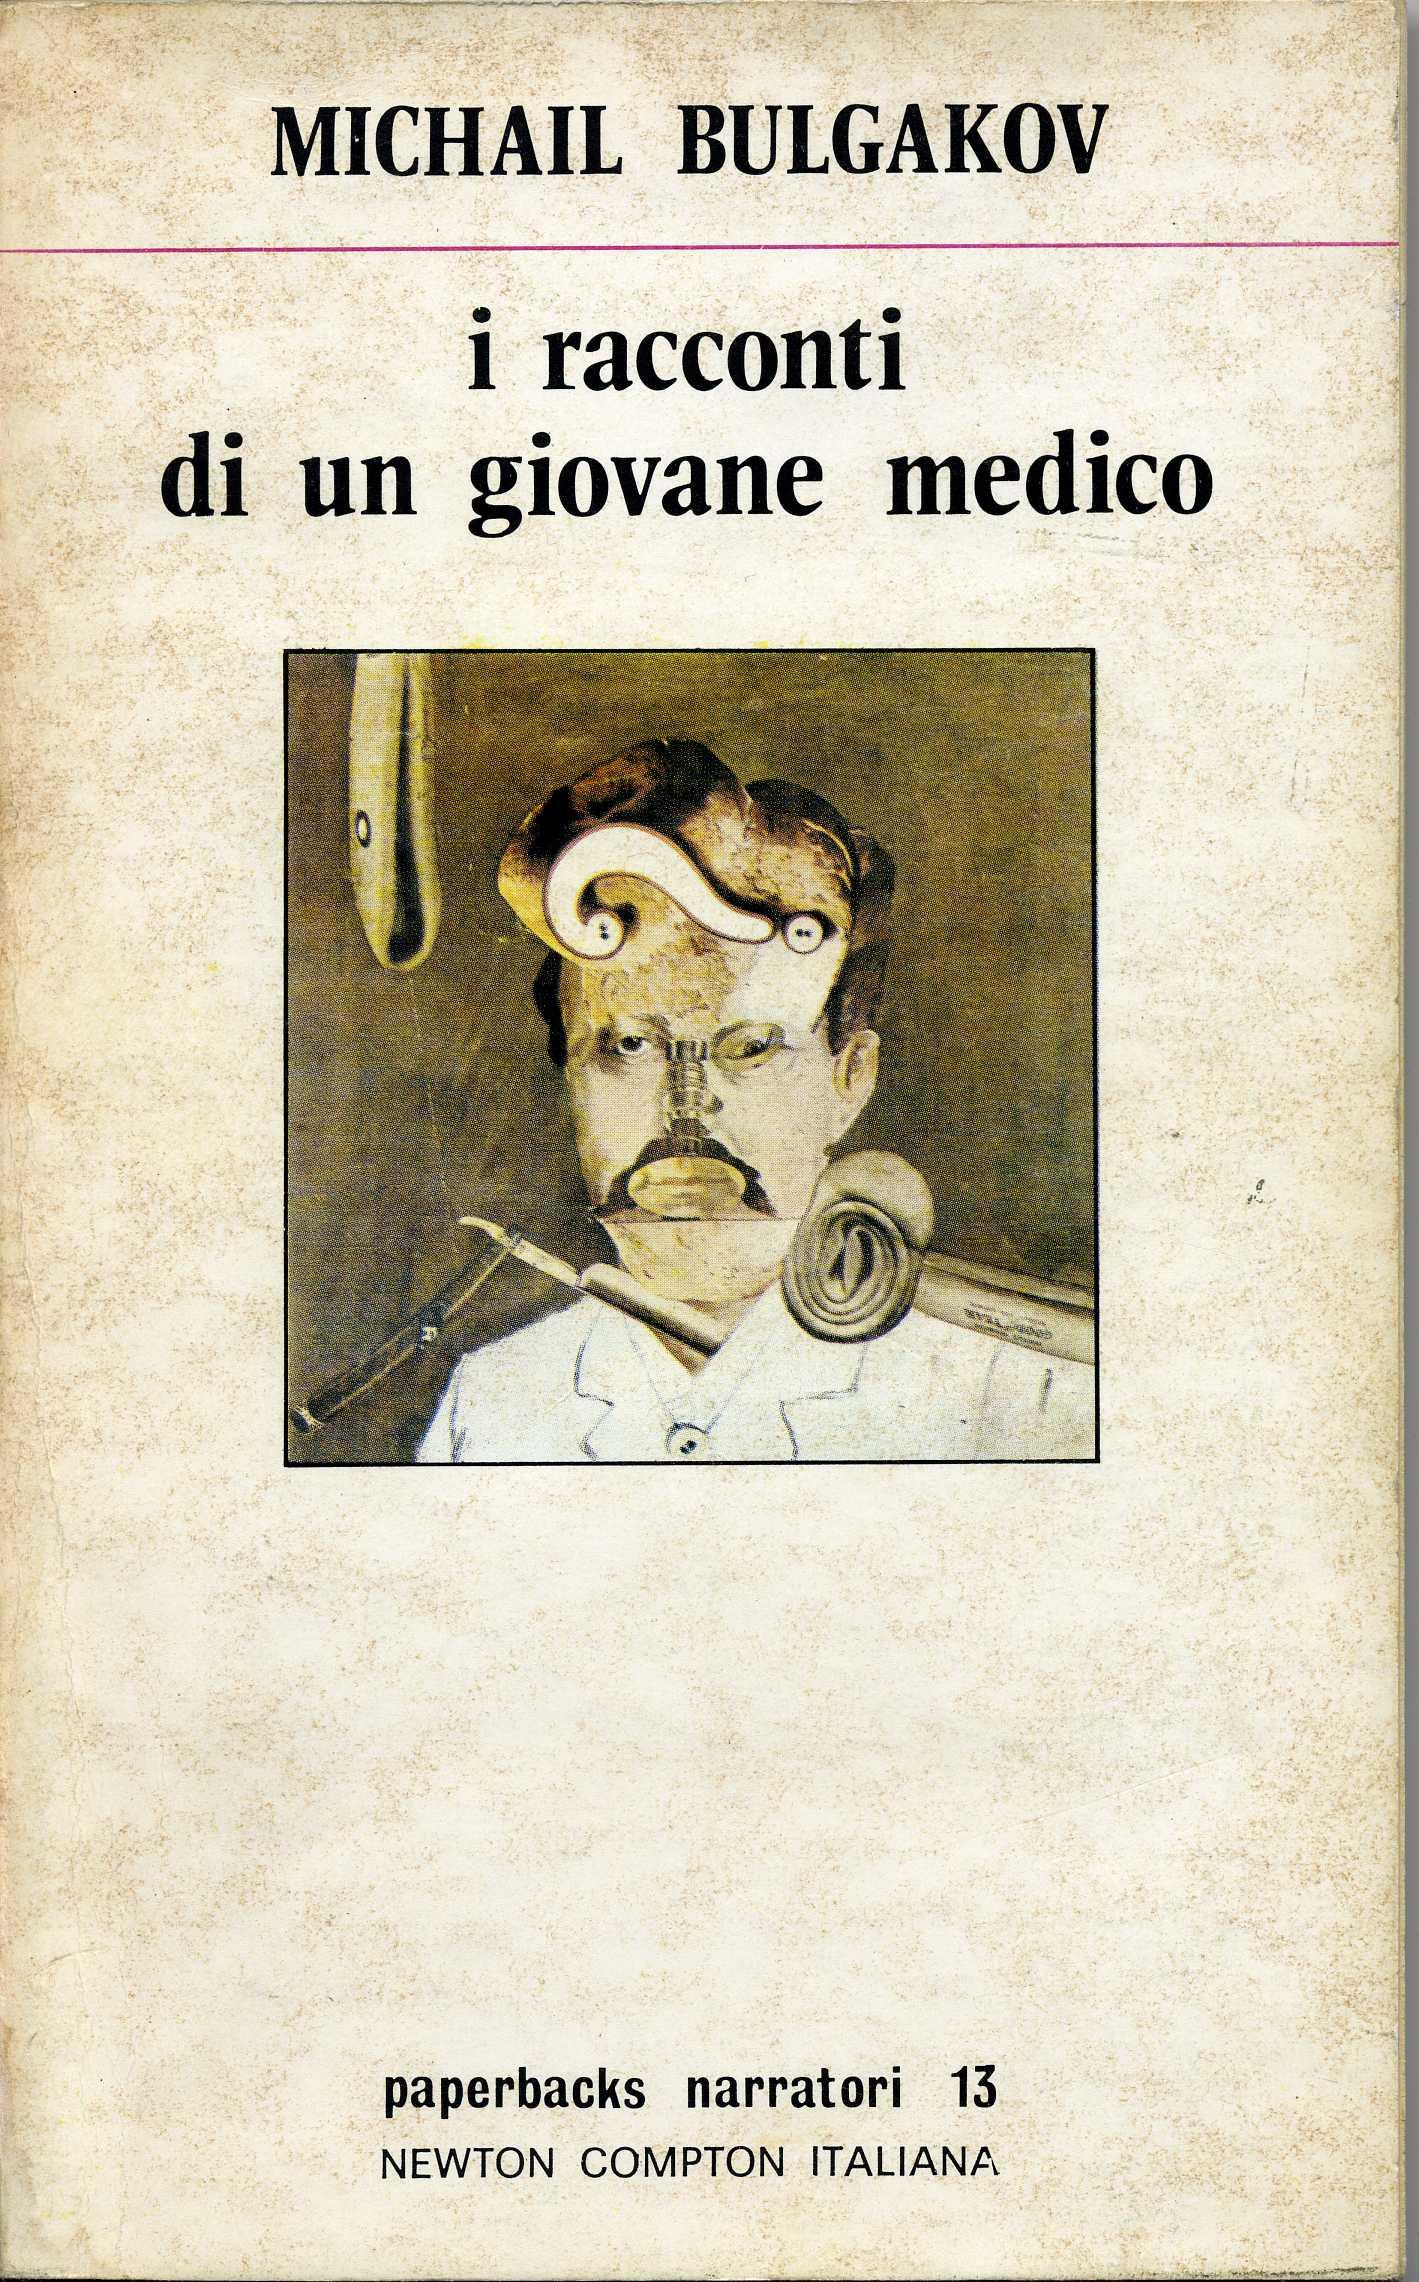 I racconti di un giovane medico